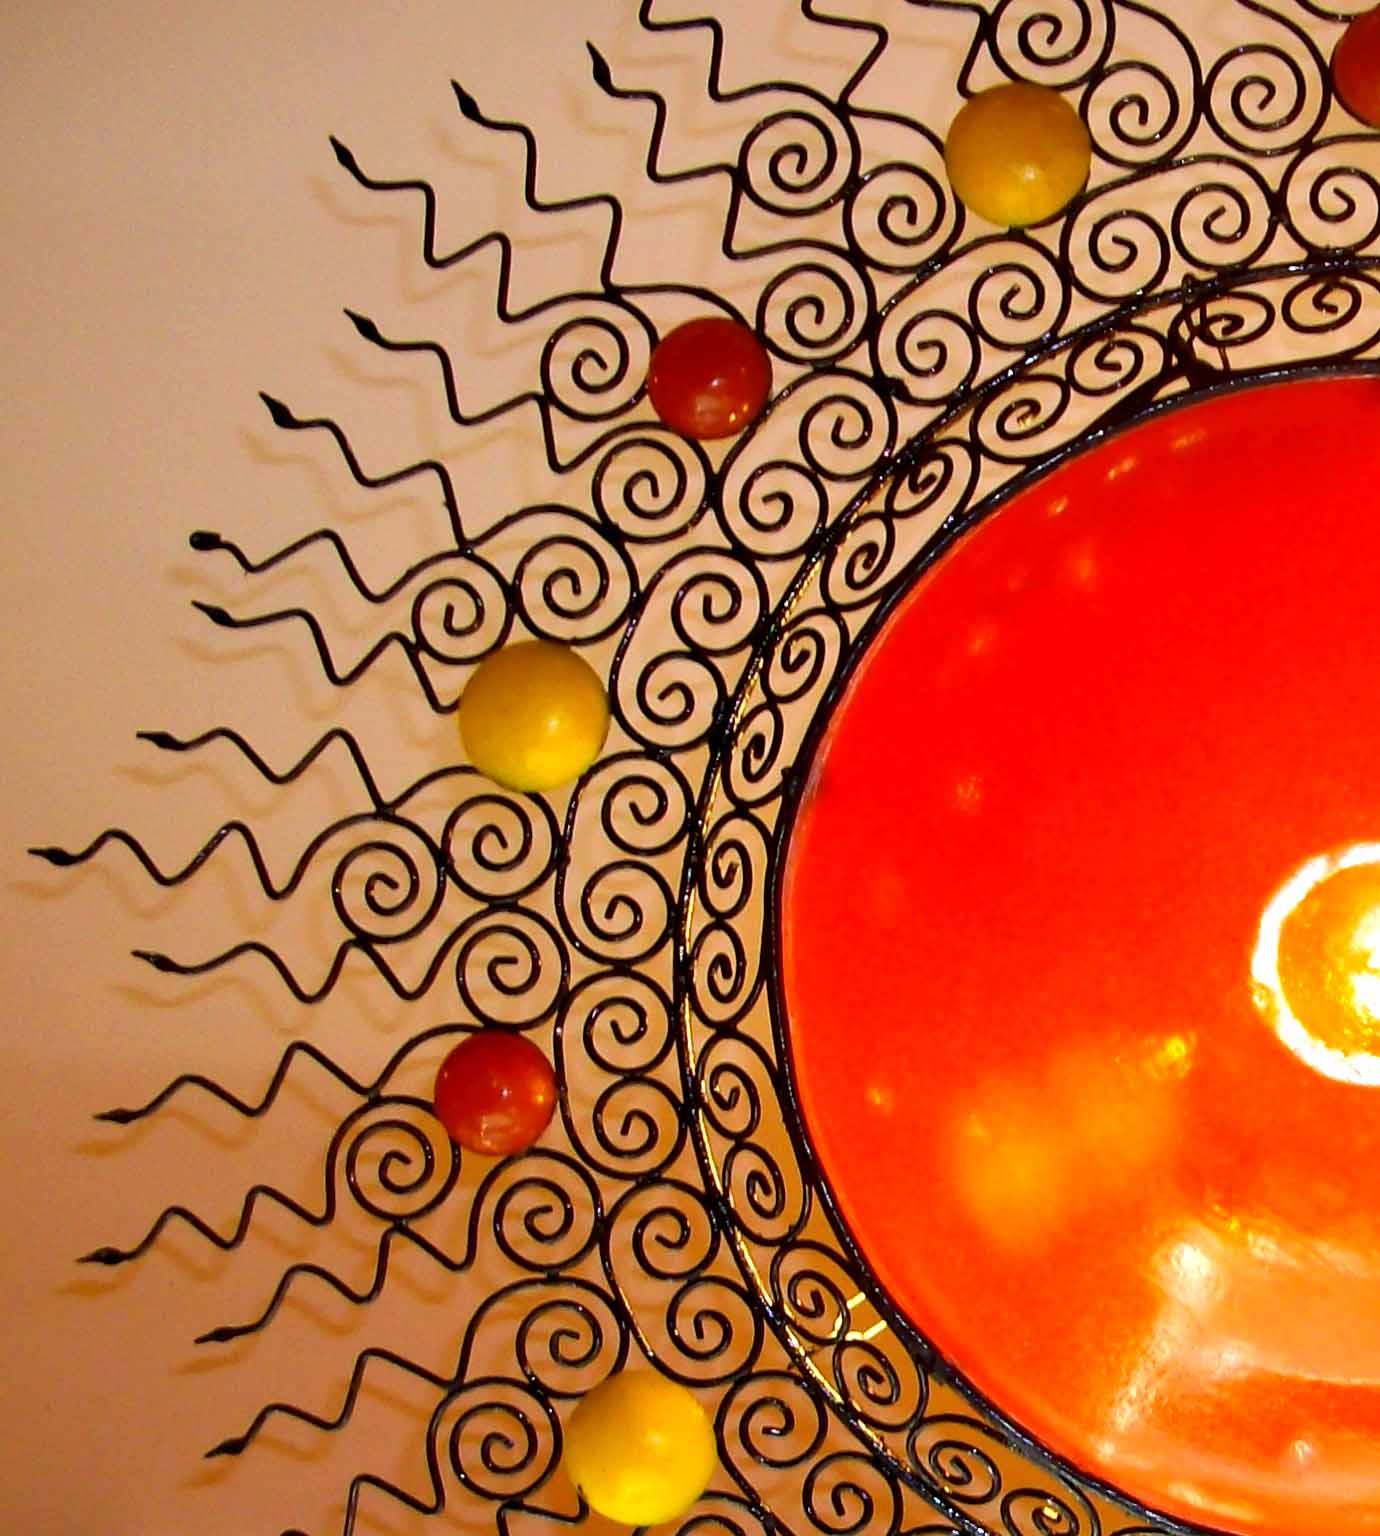 Ordina Illuminazione Articoli E Prodotti Etnici